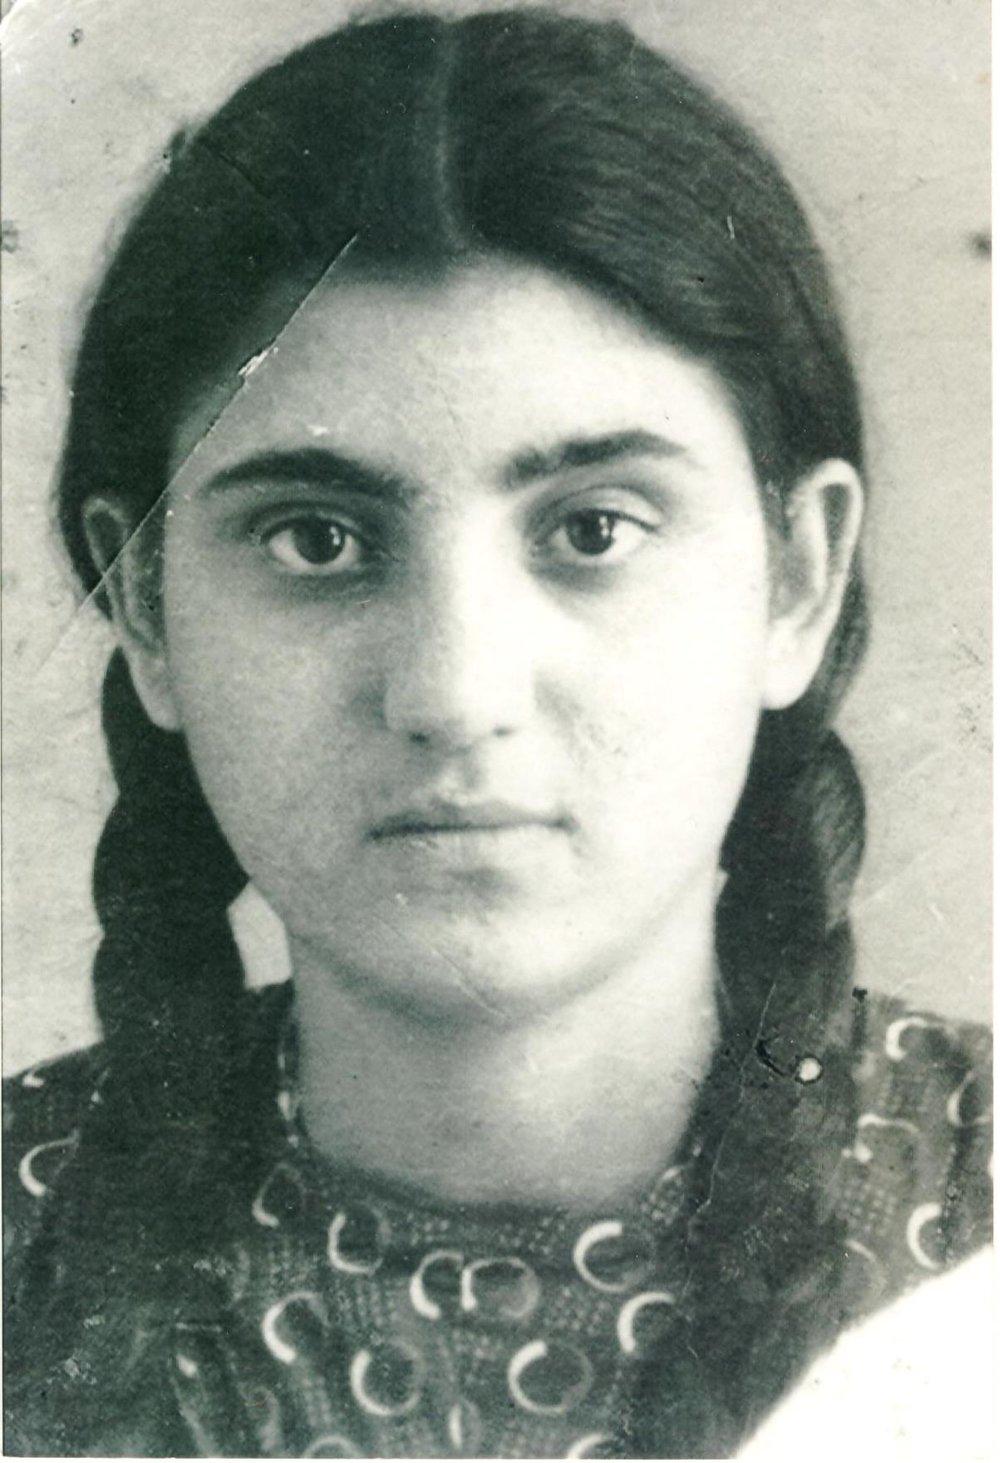 Granny Chaya as a teenager